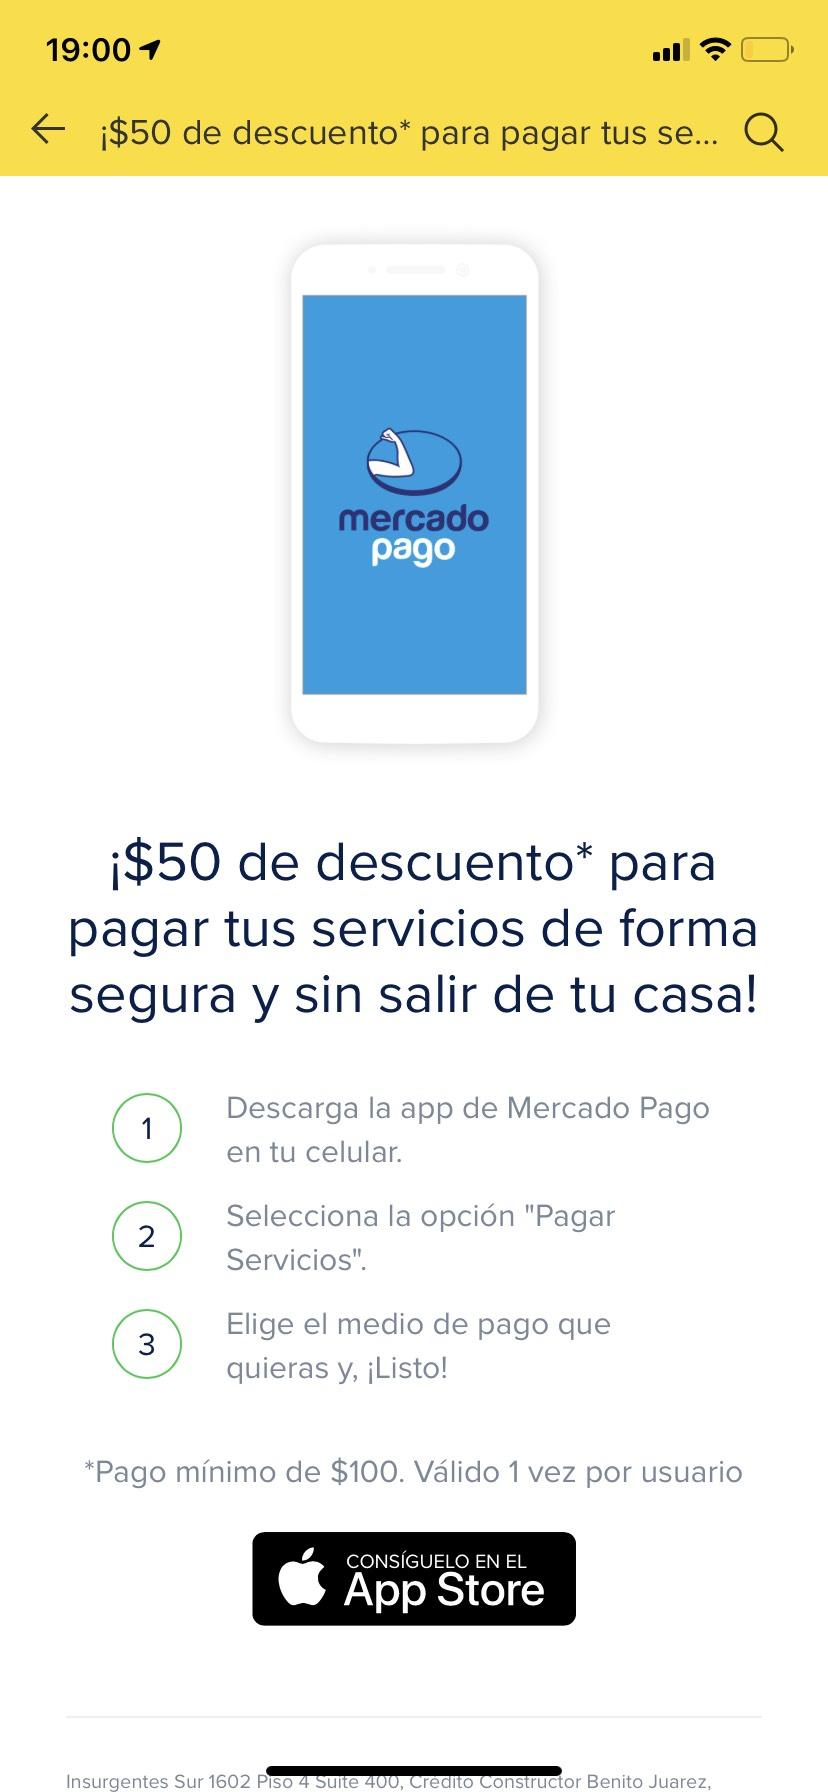 MercadoPago: $50 Pesos de Descuento al Pagar Servicios (CFE, Agua, etc.)